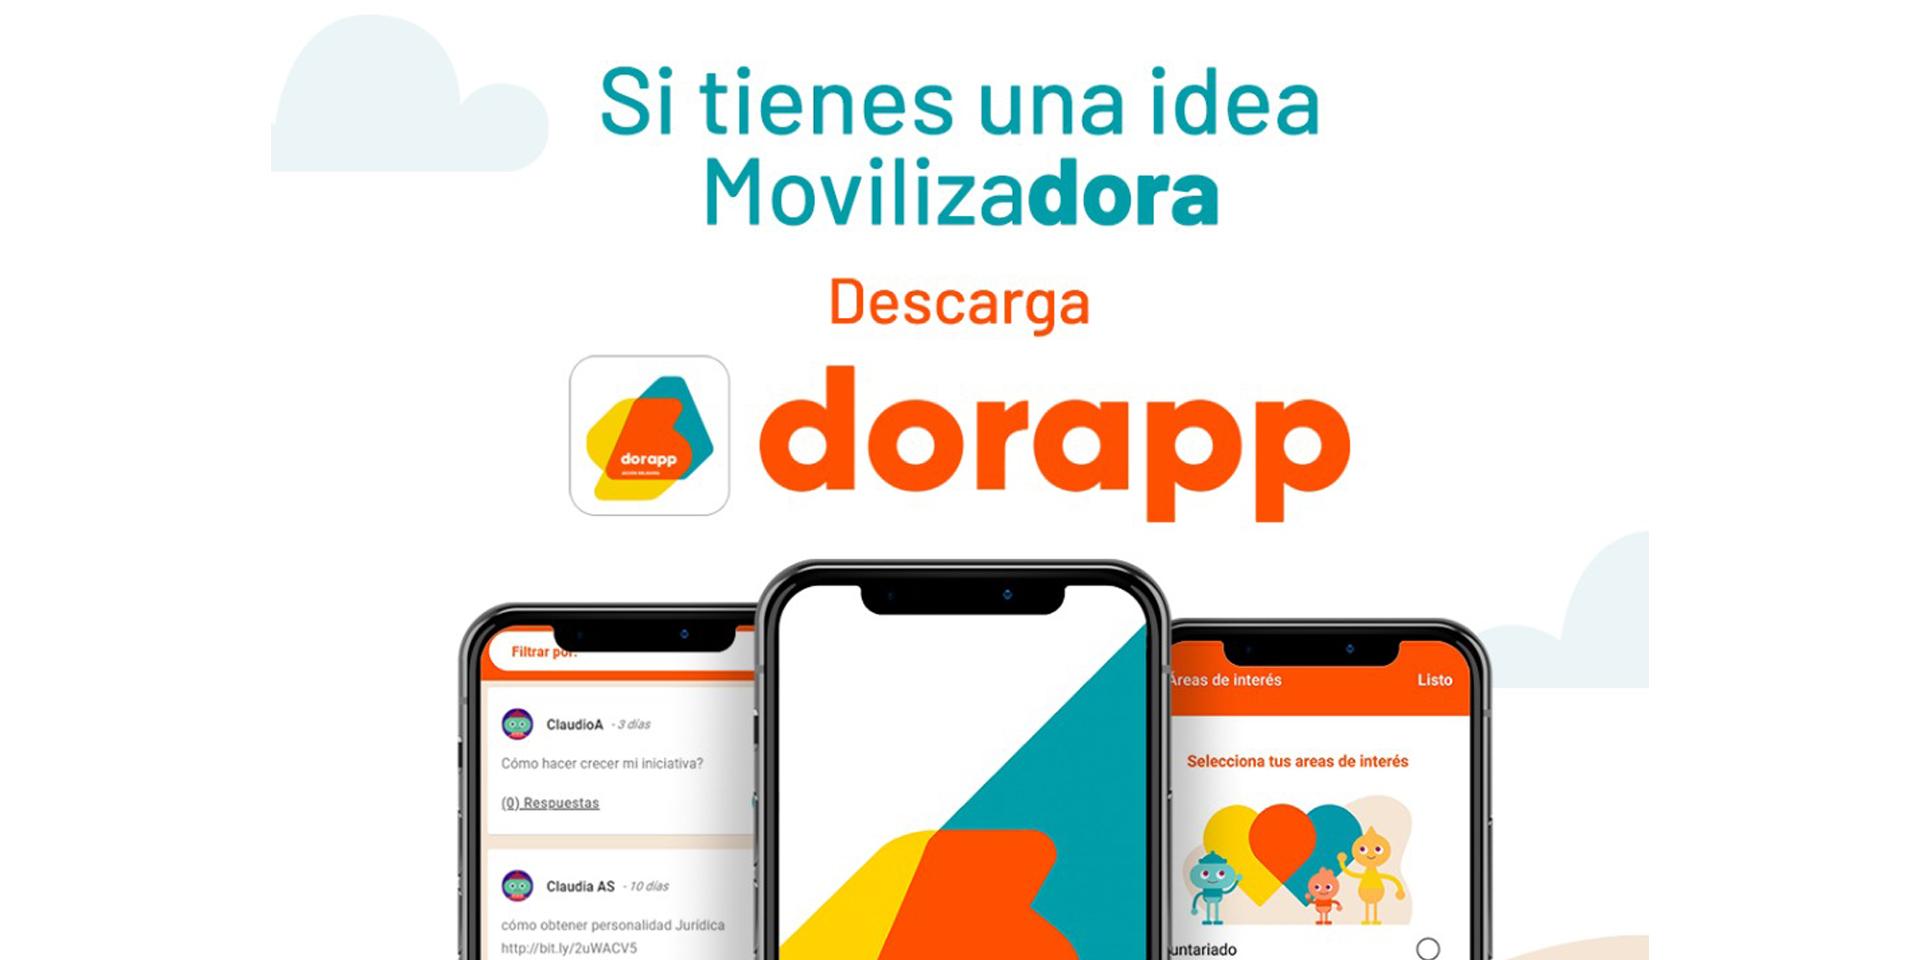 Accenture_Dorapp